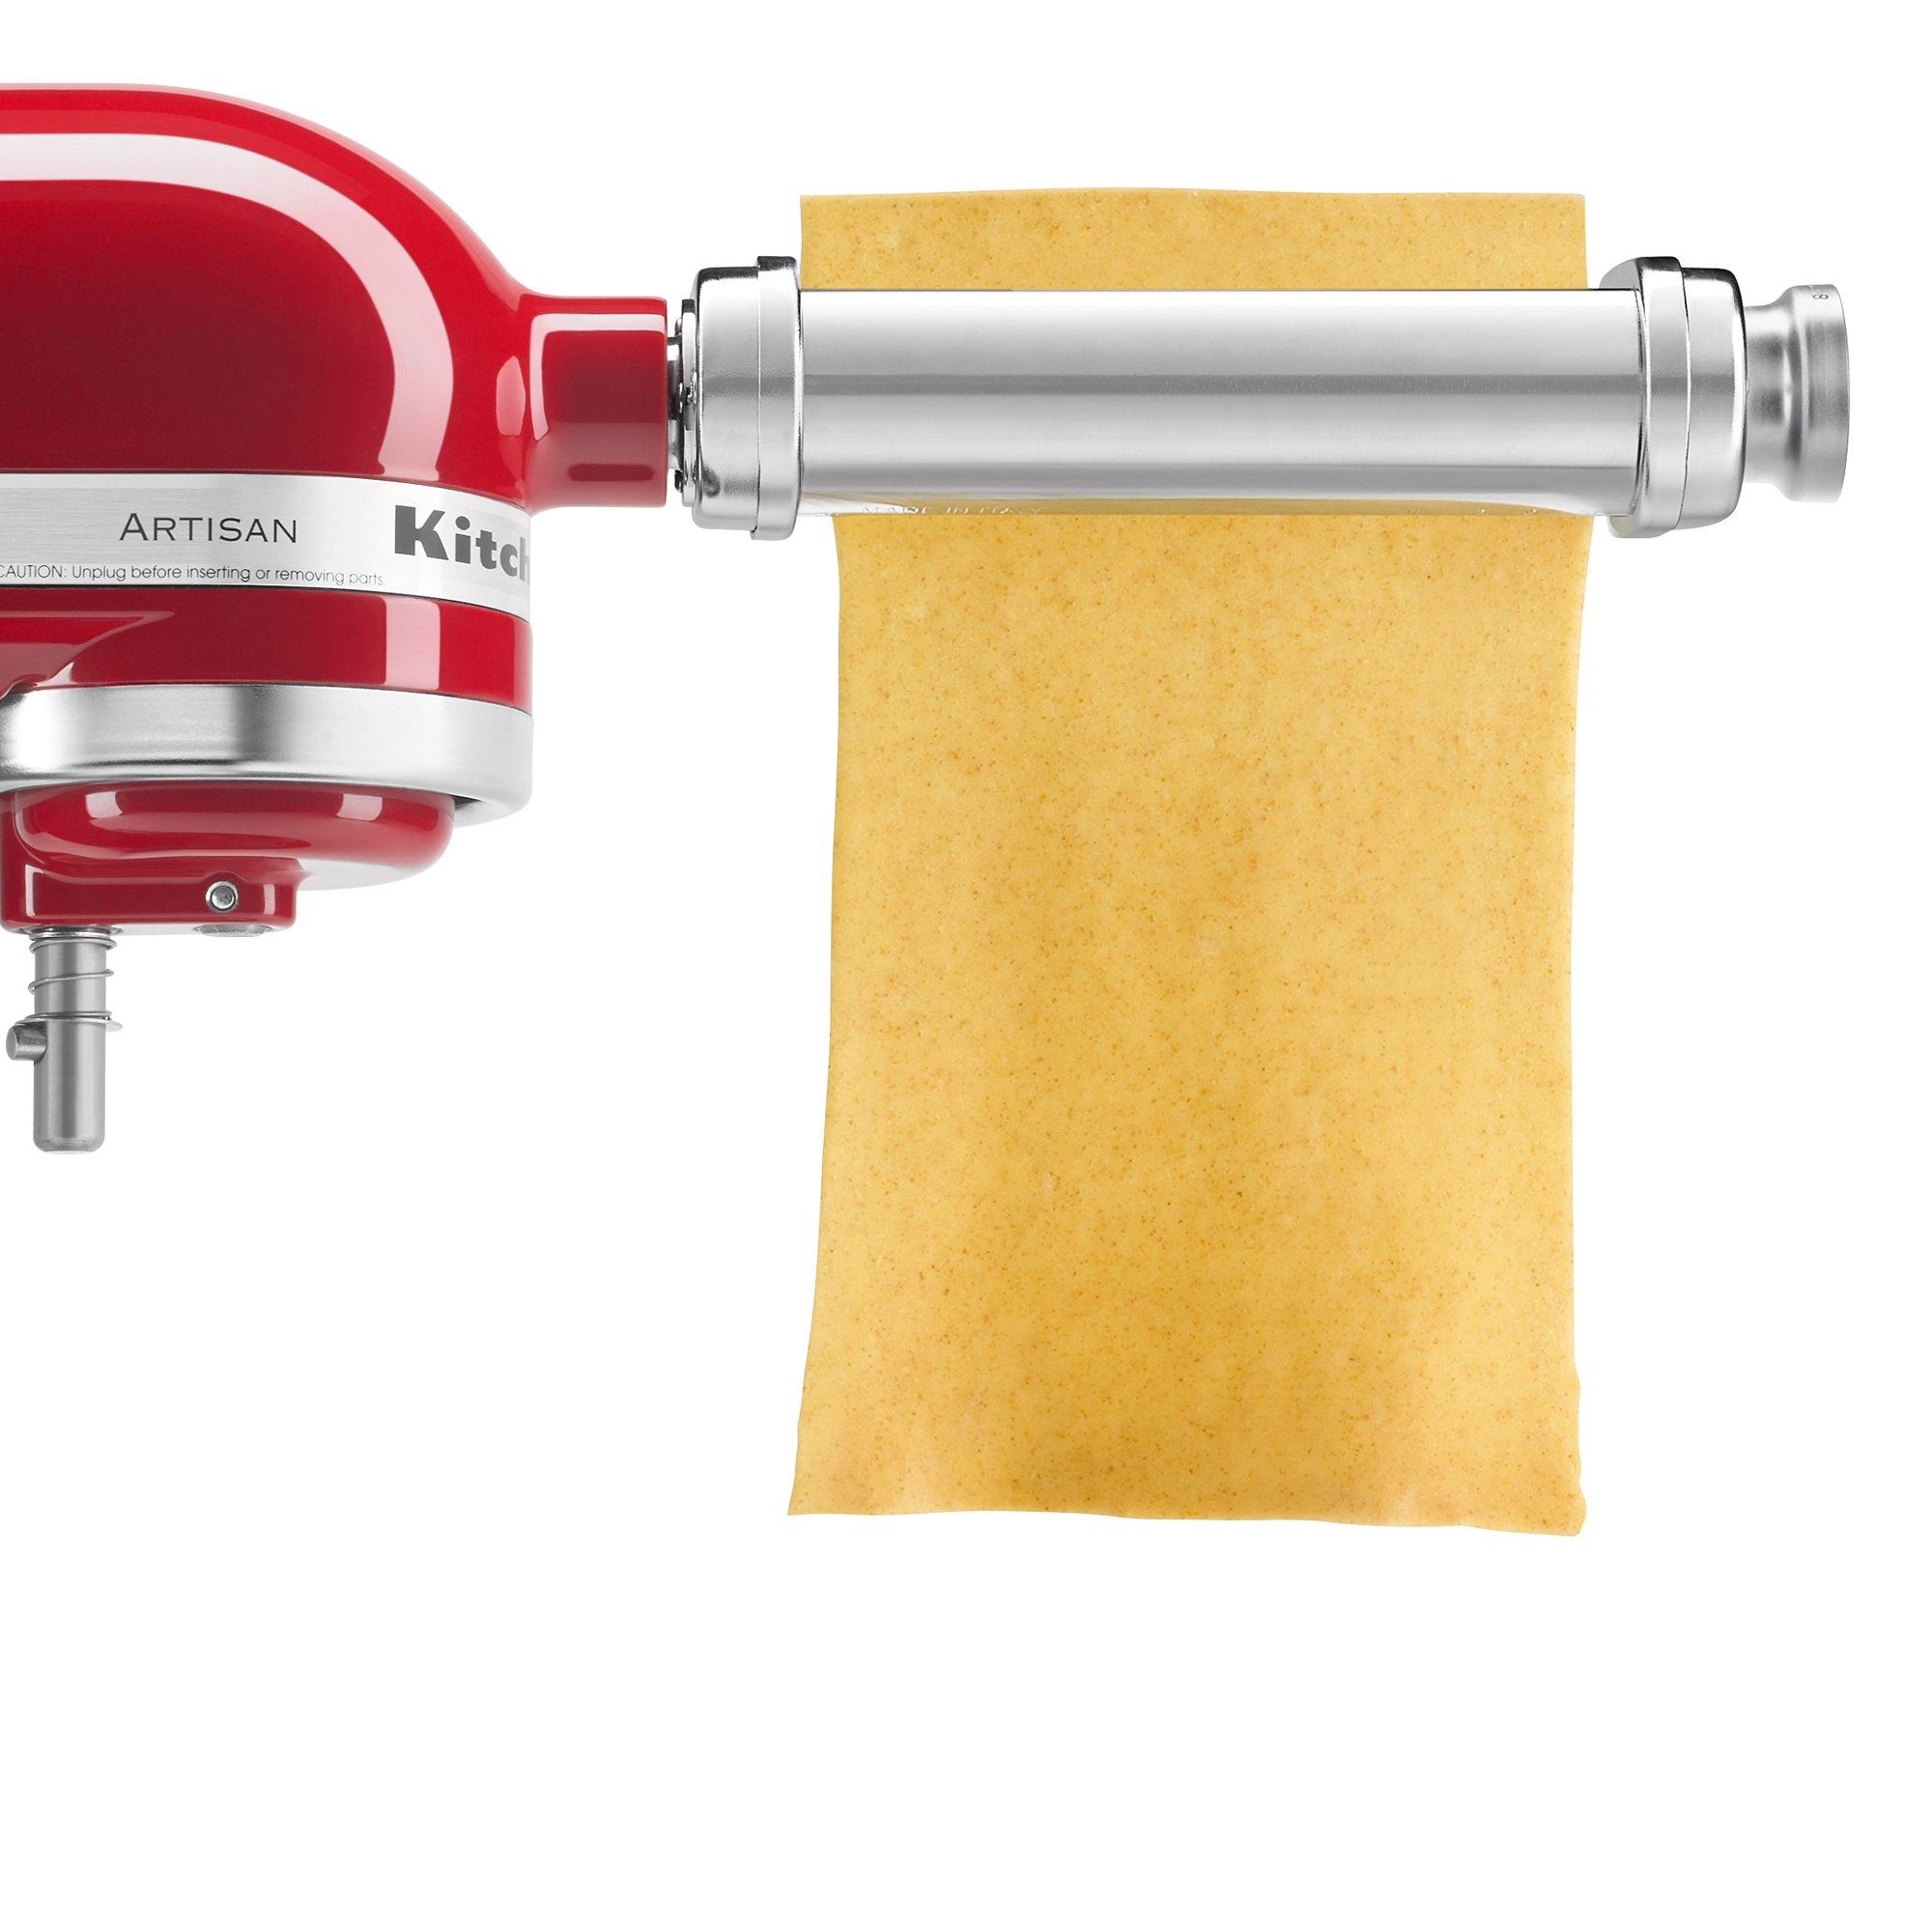 KitchenAid KSMPRA 3-Piece Pasta Roller & Cutter Attachment Set by KitchenAid (Image #3)